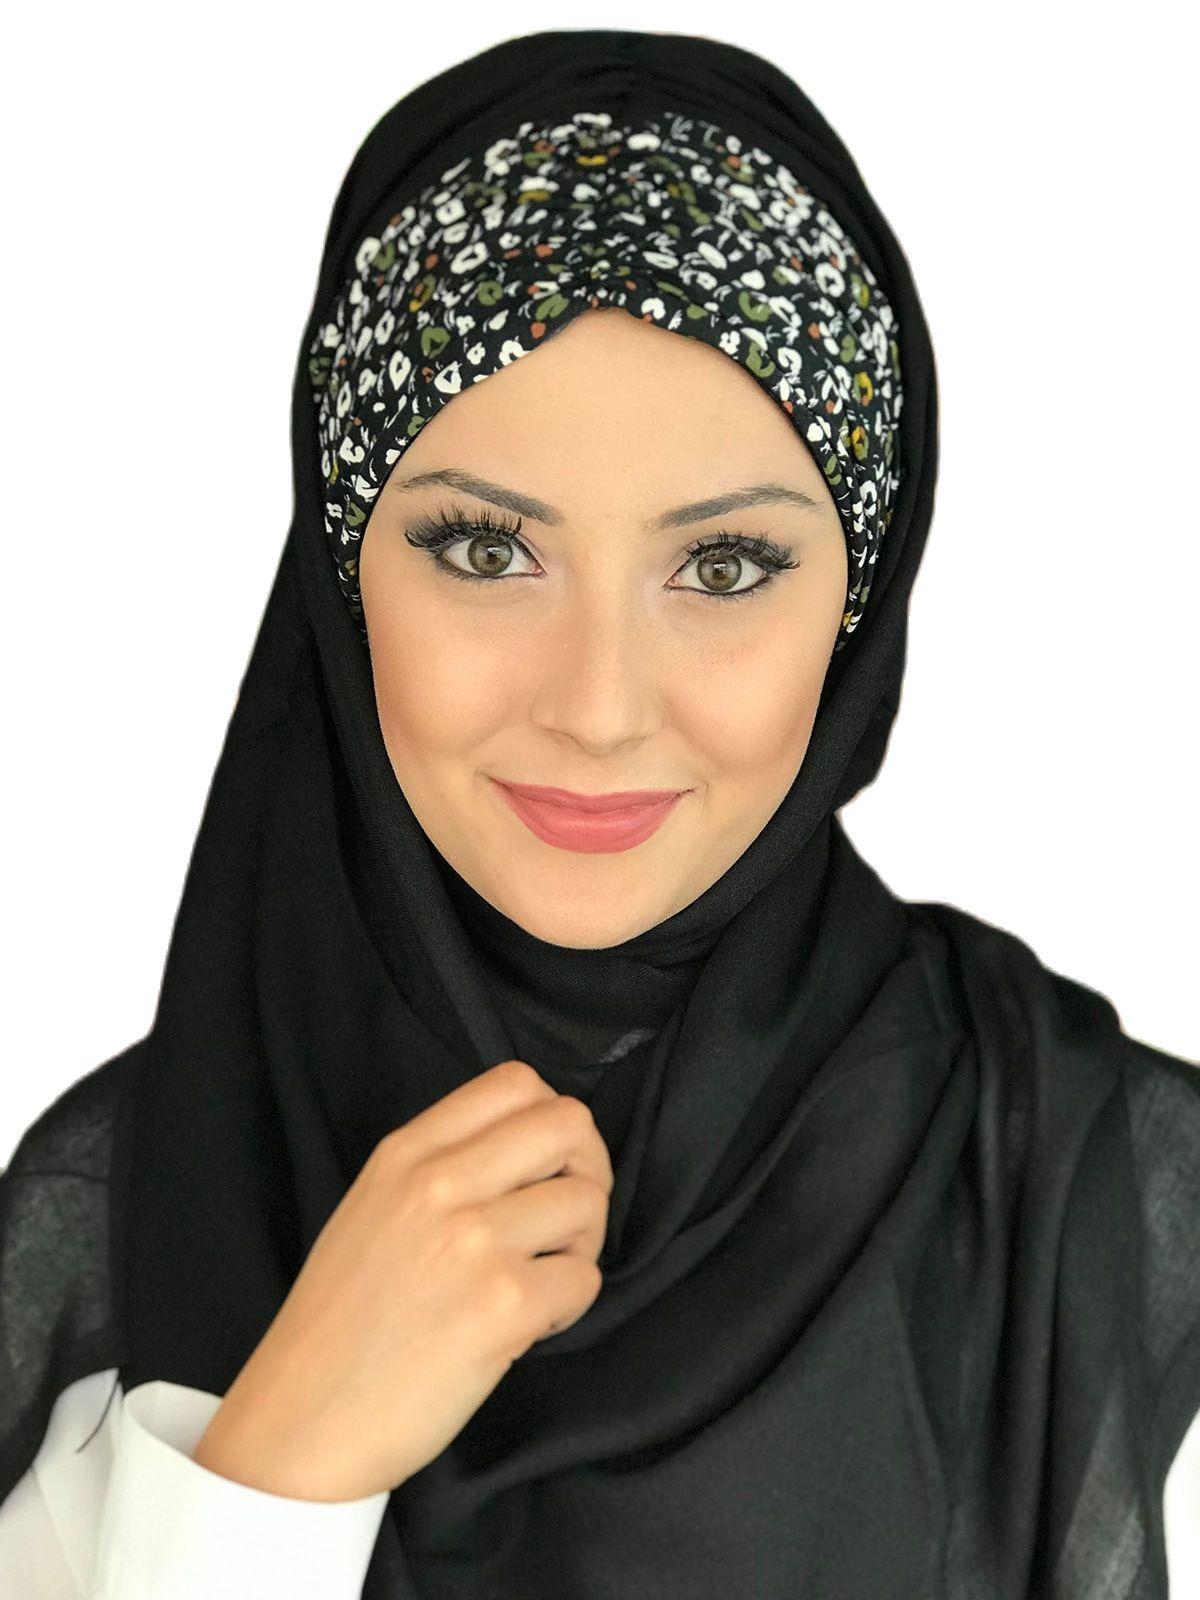 موضة جديدة 2021 الحجاب الإسلامي الملابس الإسلامية عمامة المرأة قبعة الربيع وشاح الصيف ورقة بيضاء ورقة أسود Shirred جاهزة شال